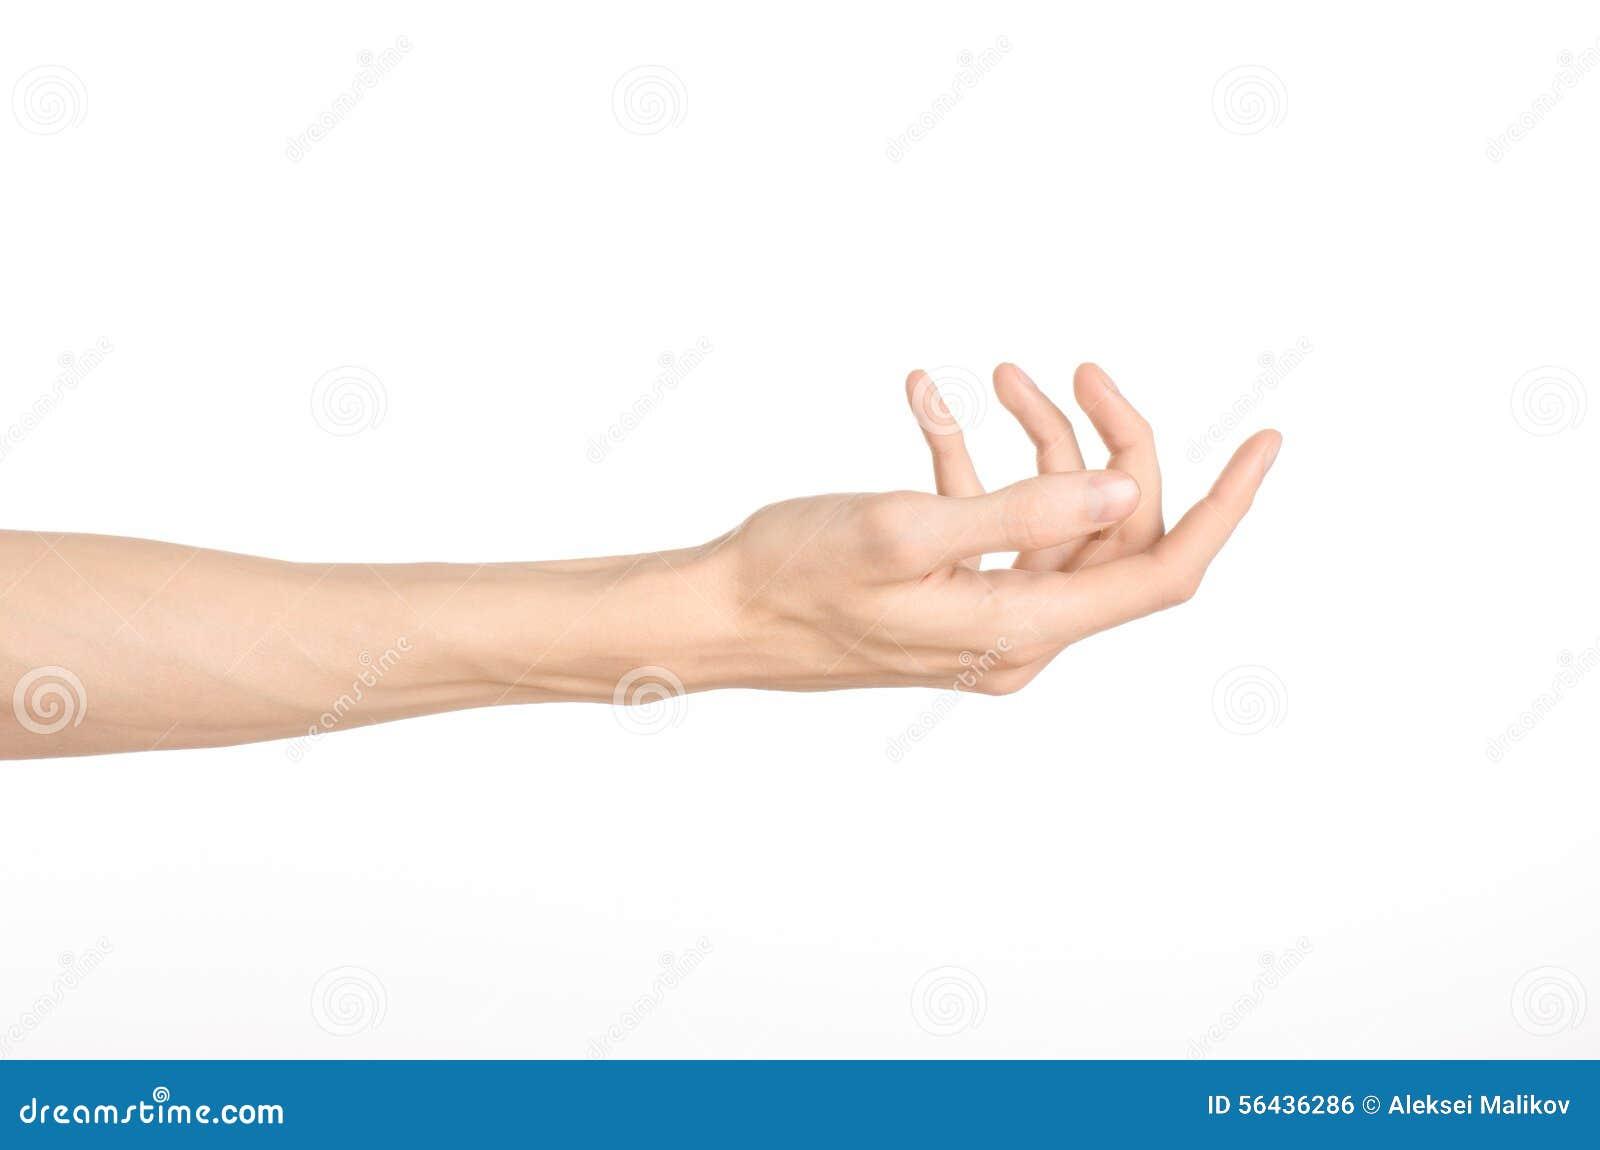 Tema för handgester: den mänskliga handen visar gester som isoleras på vit bakgrund i studio